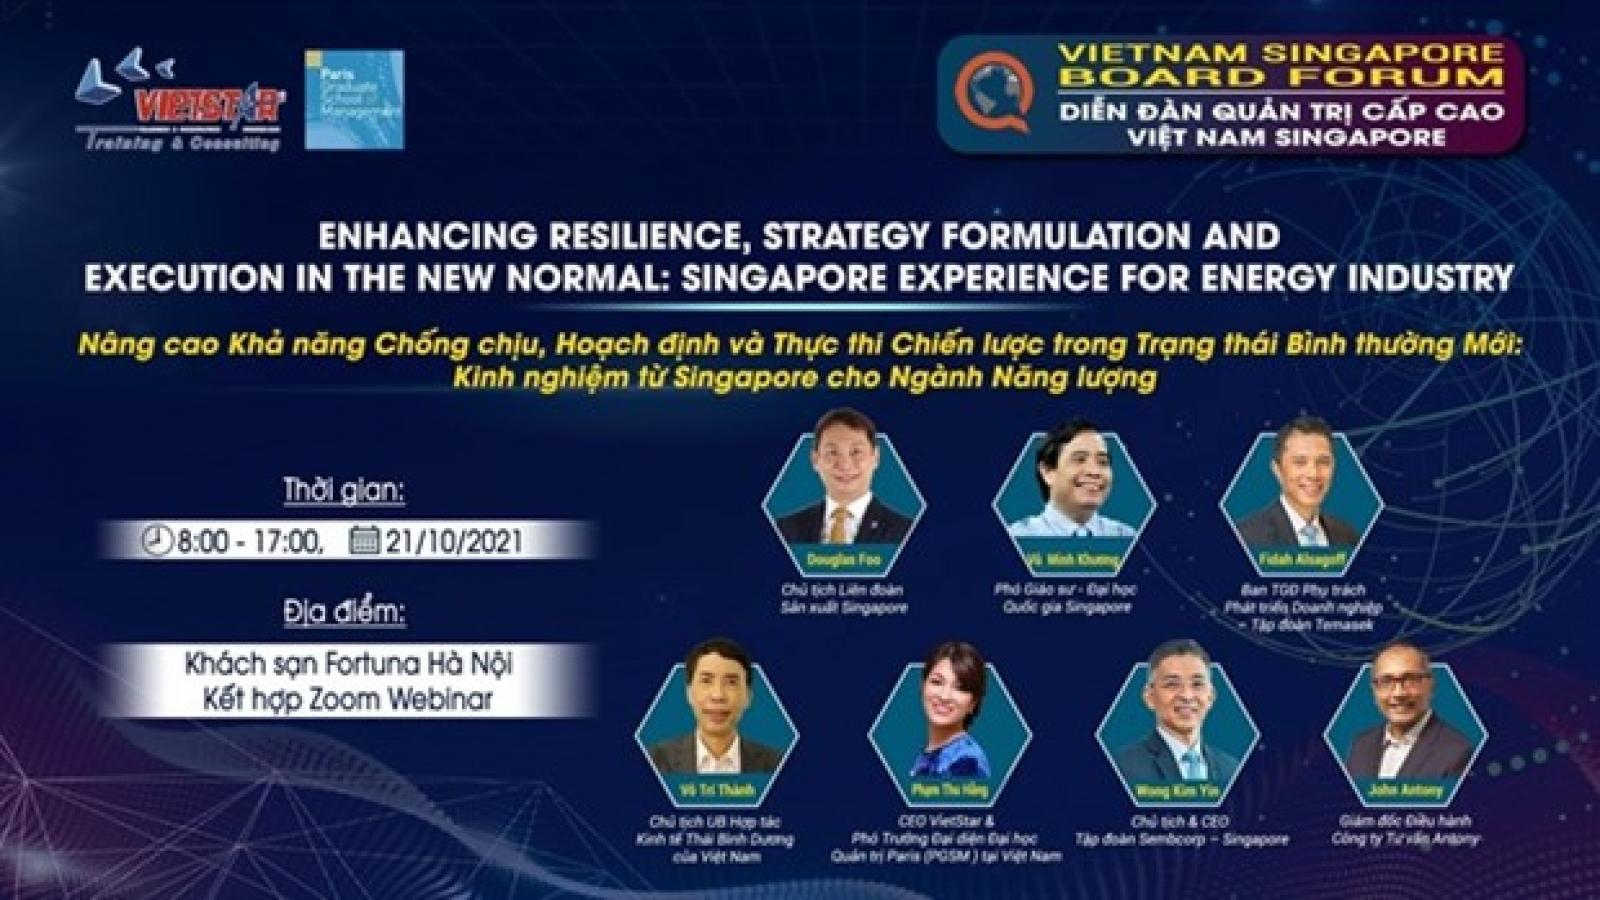 Hanoi to host Vietnam-Singapore forum for senior energy industry leaders